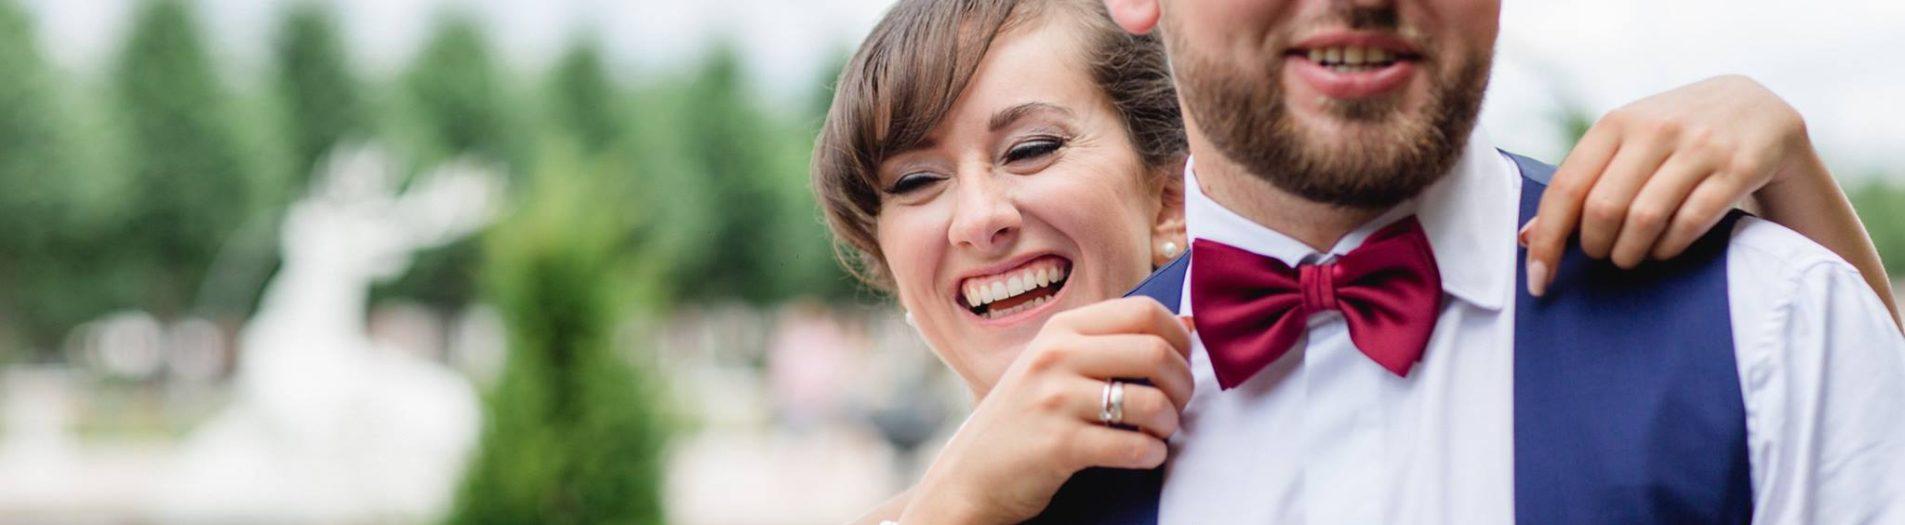 Larissa und Markus heiraten in Leimen und feiern in Schwetzingen